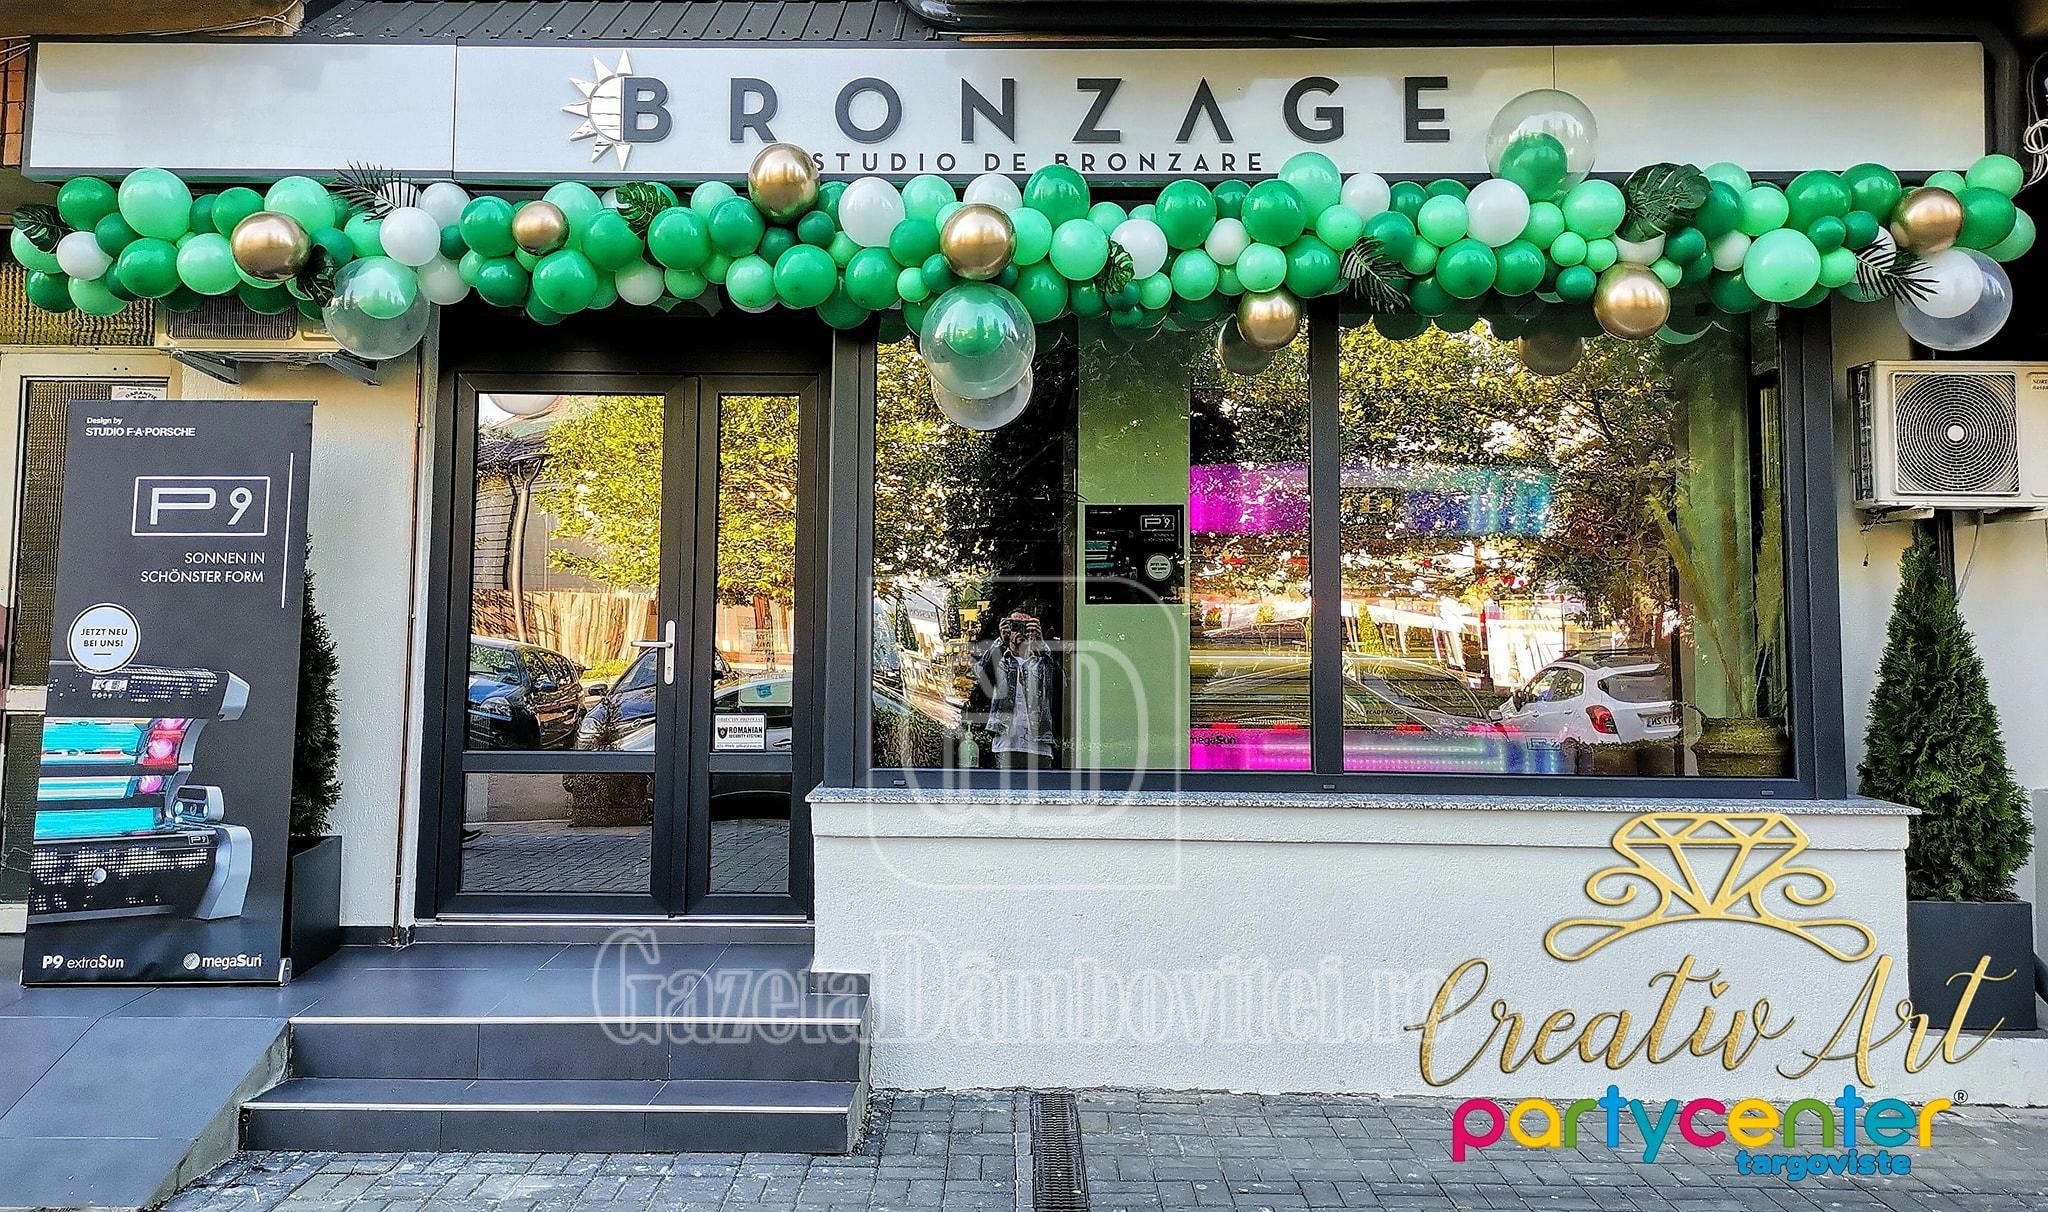 Bronz natural, piele sănătoasă la BRONZAGE. Un nou studio s-a deschis la Târgoviște! – GALERIE FOTO